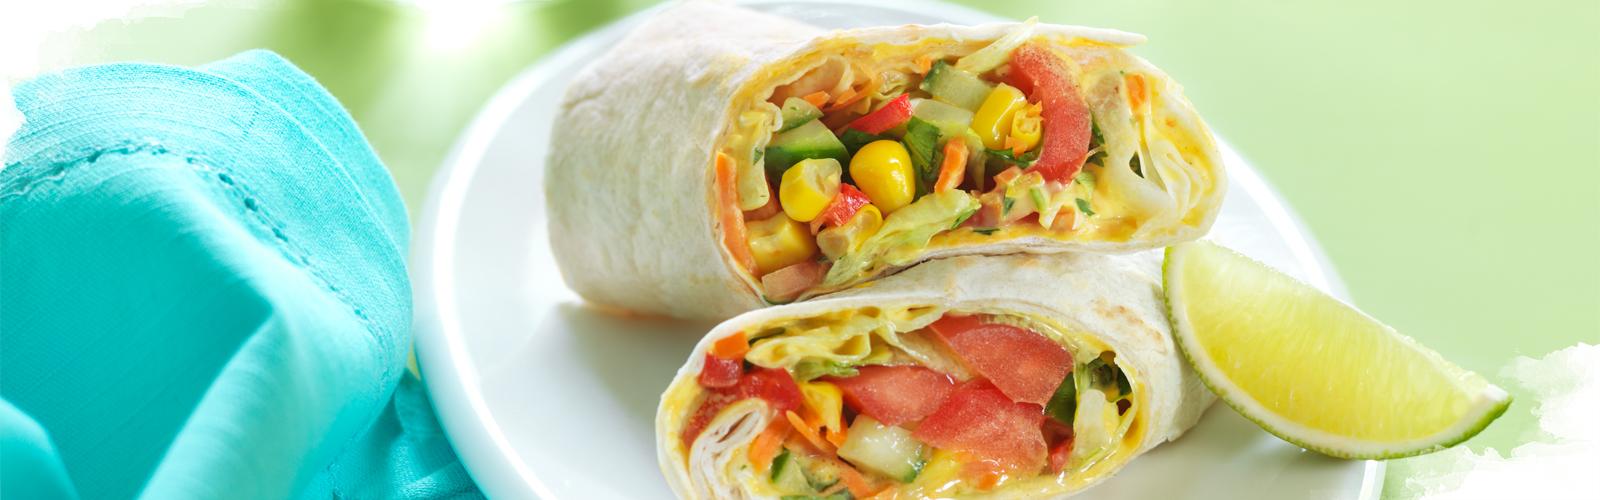 Bunter Gemüse Wrap